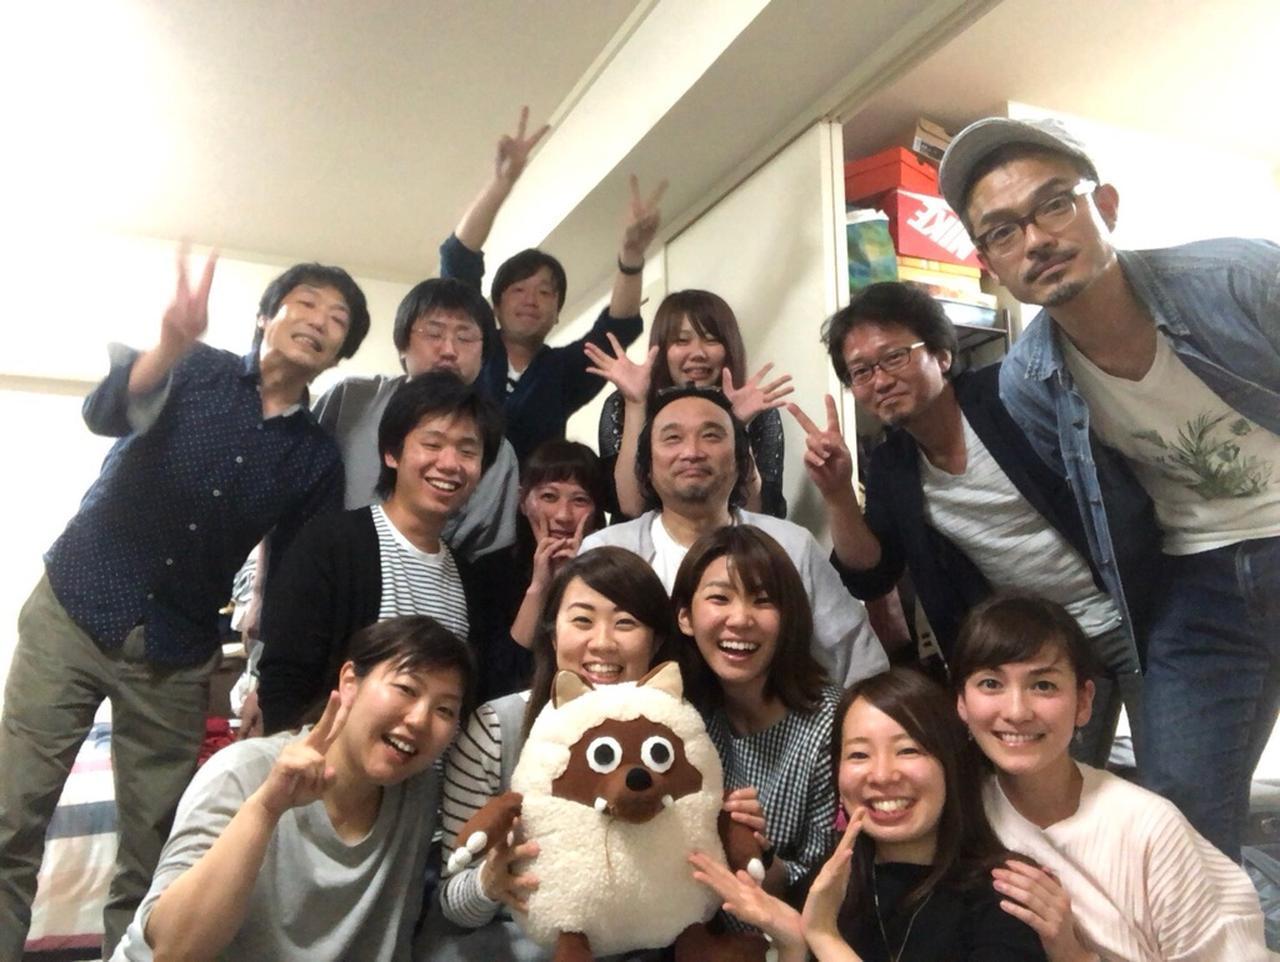 画像: この日は夢を追いかけて東京へ旅立つ仲間の送別会でした。 頑張ってね!しももん!応援してるよ!!